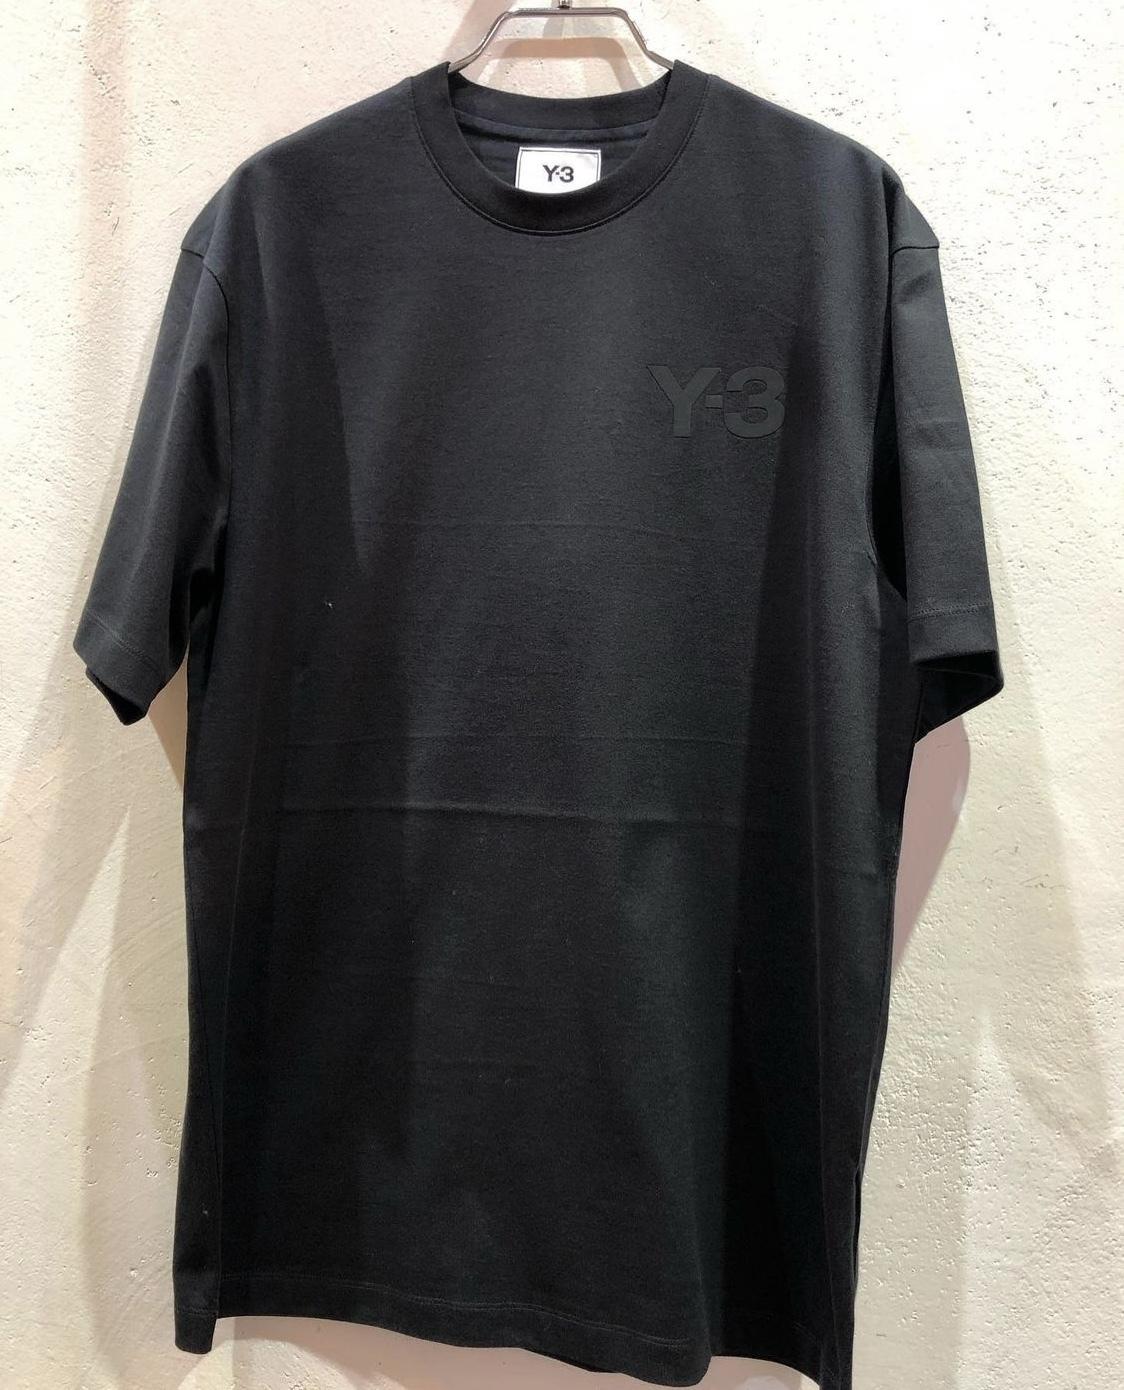 「Y-3 ワイスリー」新作ロゴCAPとロゴTシャツ入荷です。_c0204280_11475009.jpg